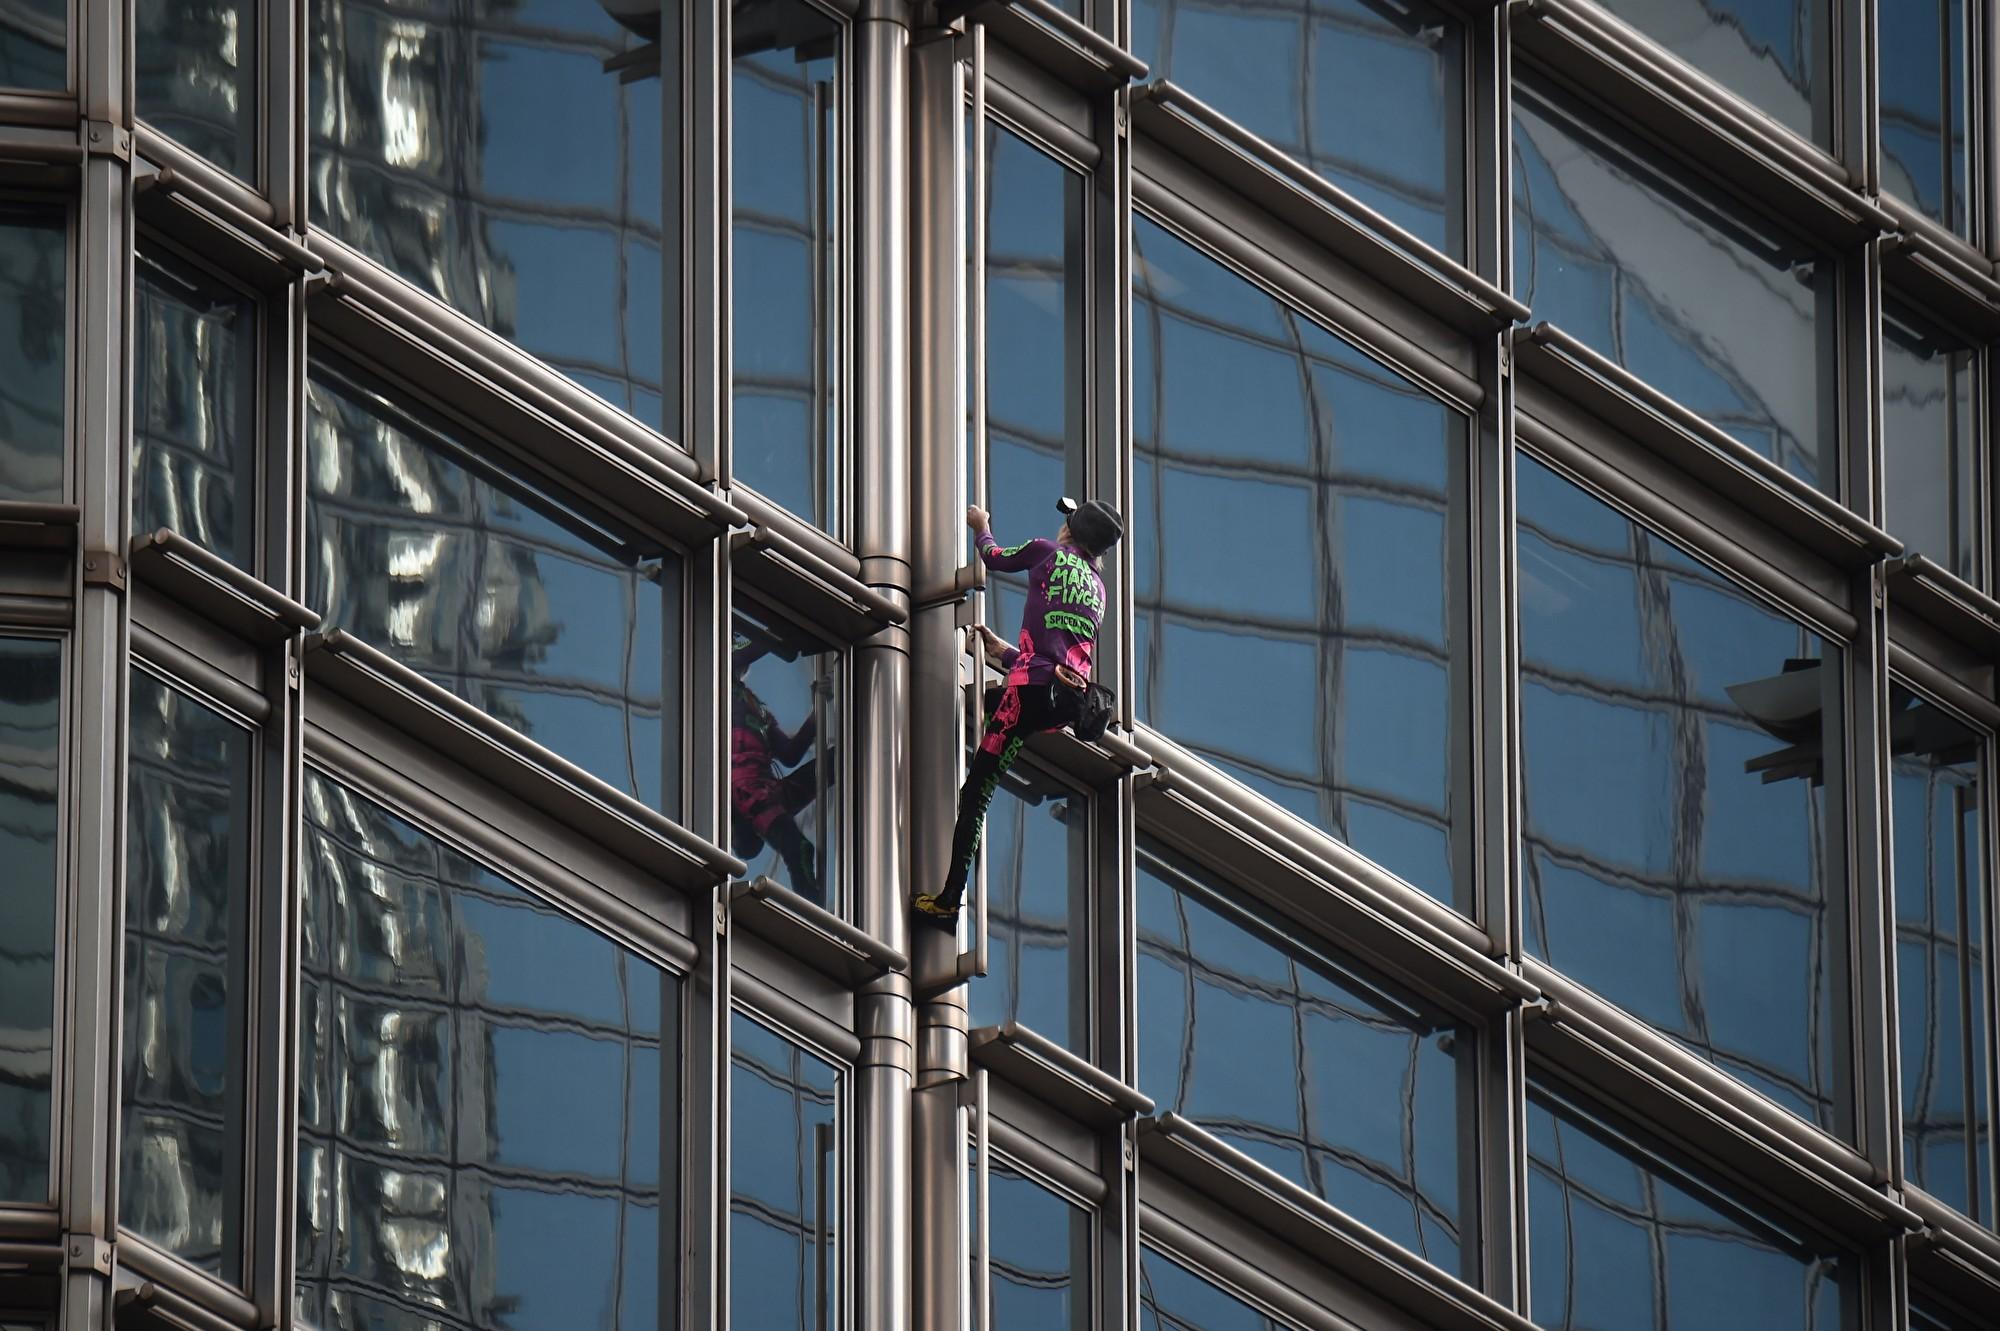 2019年8月16日,法國「蜘蛛人」羅伯特攀爬香港長江集團大樓。(LILLIAN SUWANRUMPHA/AFP/Getty Images)